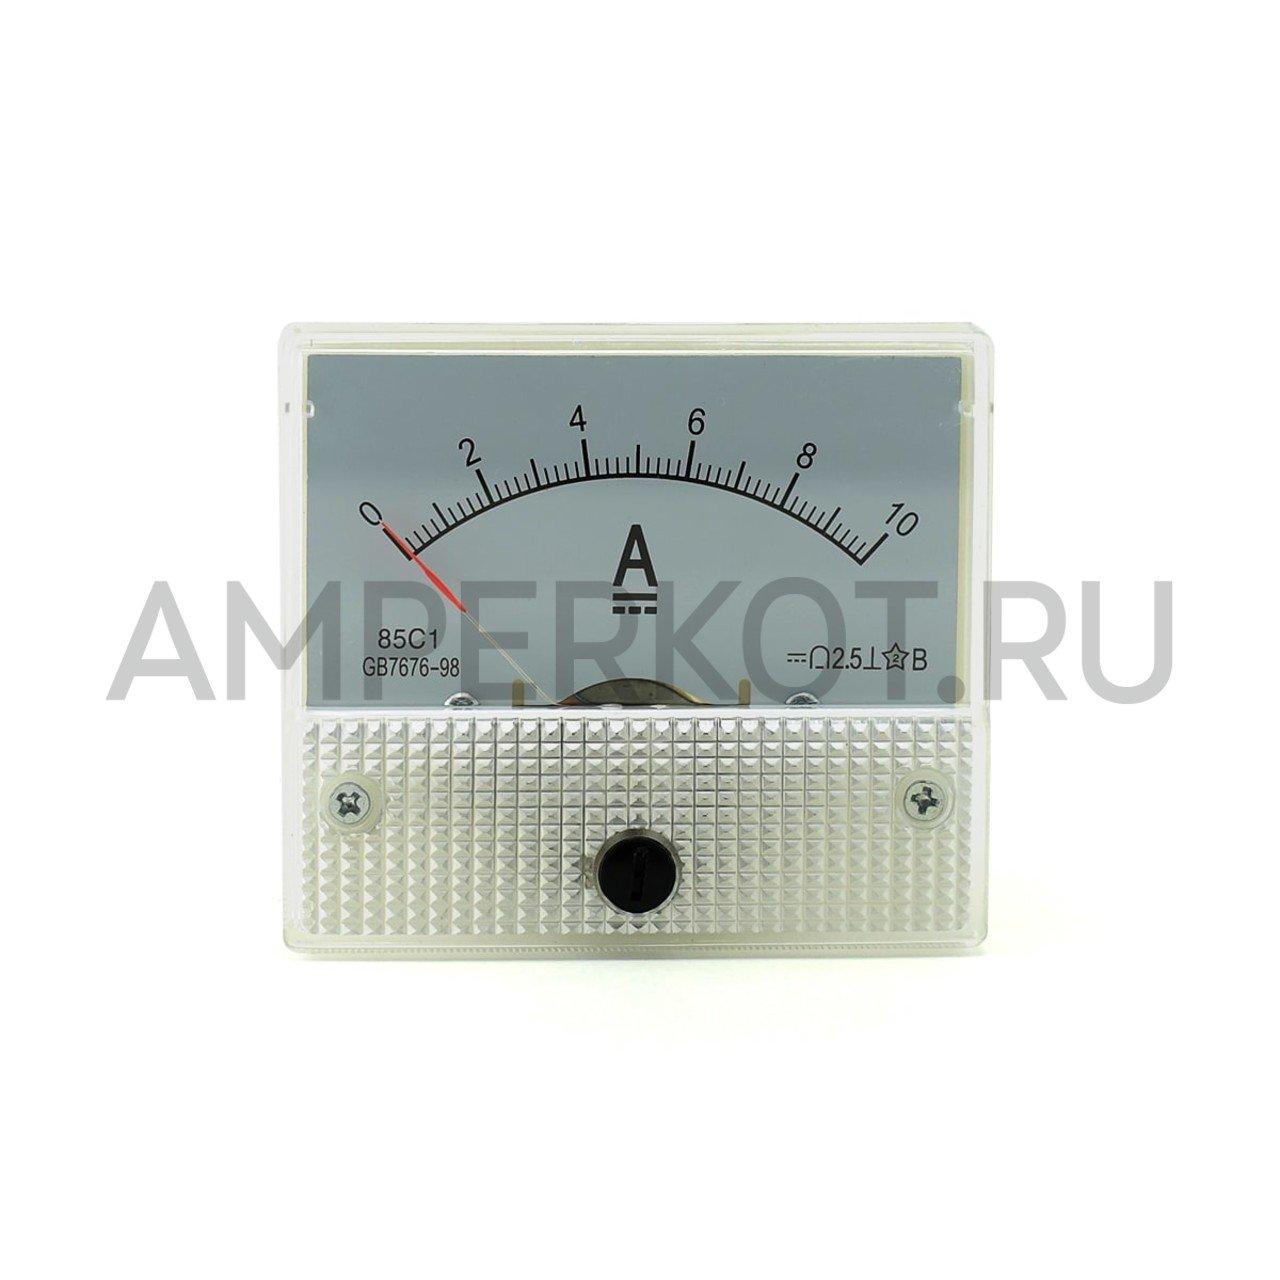 Аналоговый амперметр 85C1, 10A